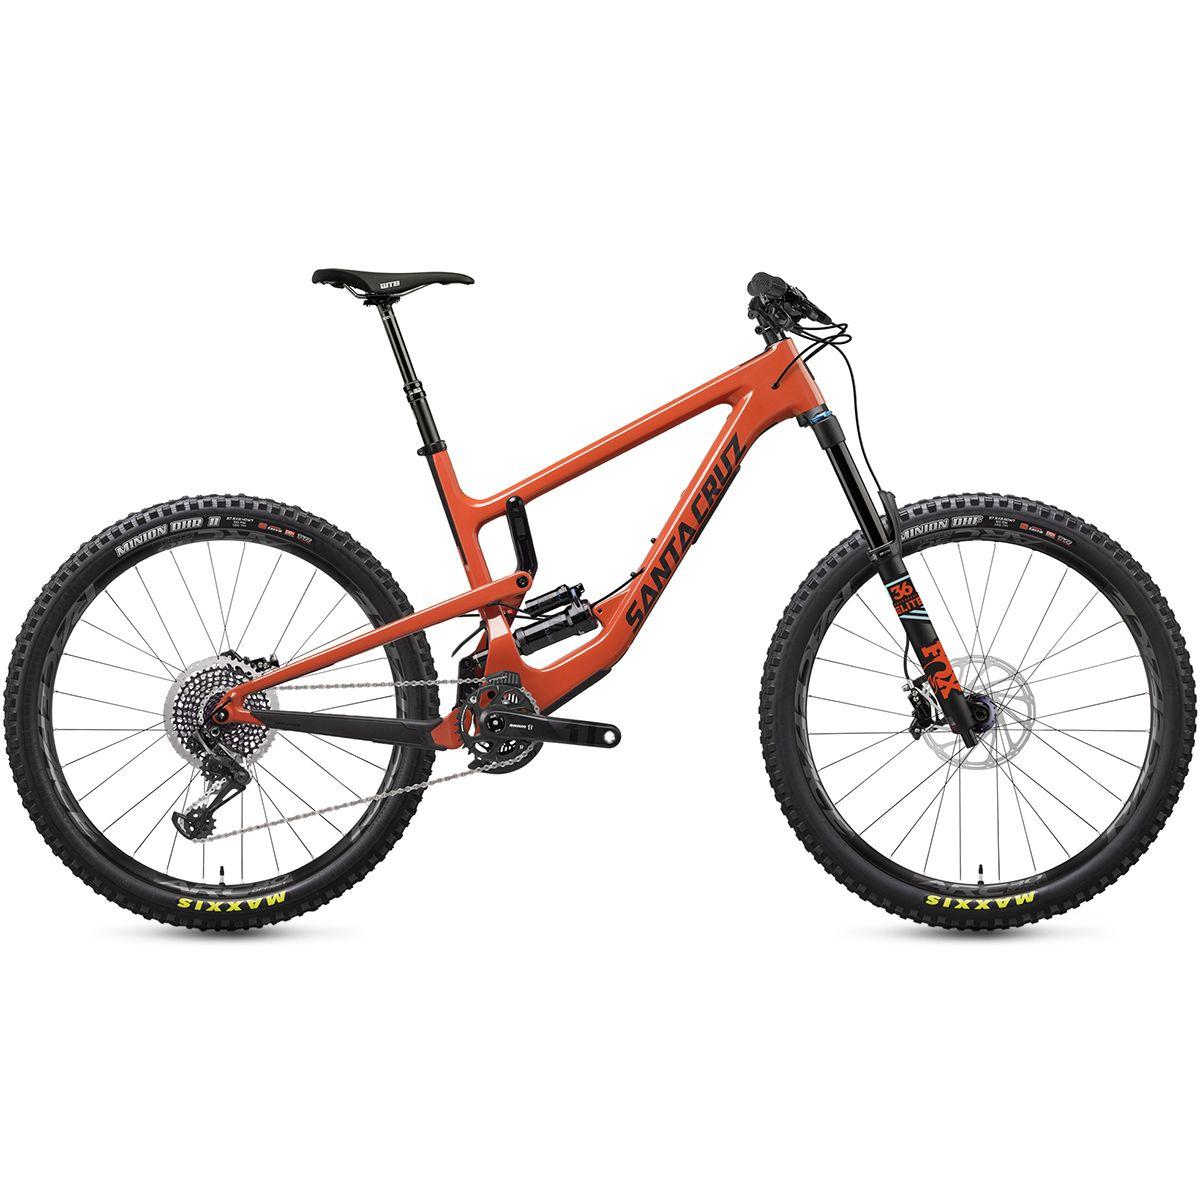 Santa Cruz Bicycles Nomad Carbon CC X01 Eagle RCT Coil Complete Orange